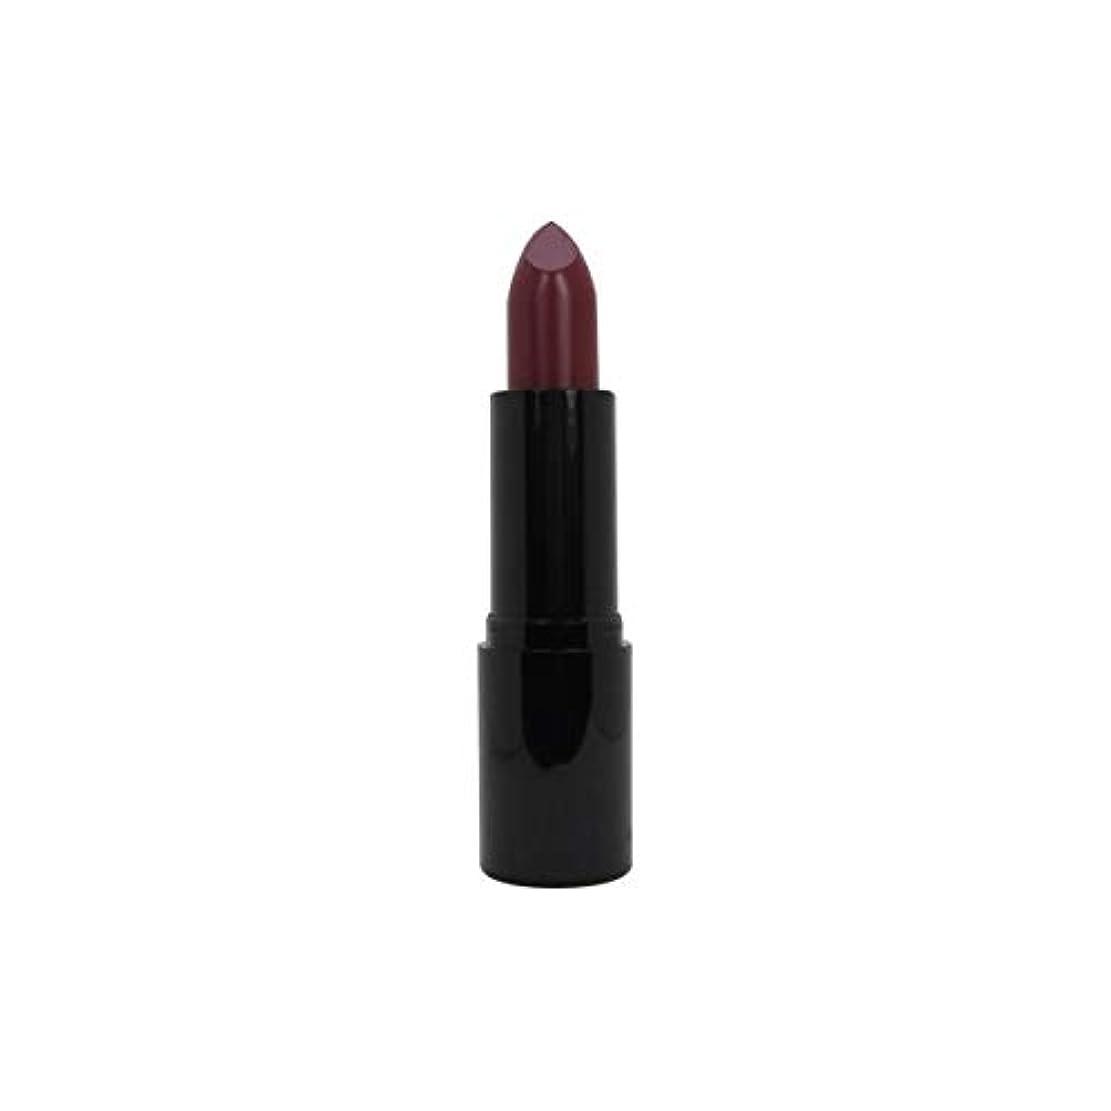 ダムパンツ安全Skinerie The Collection Lipstick 11 Berry Diva 3,5g